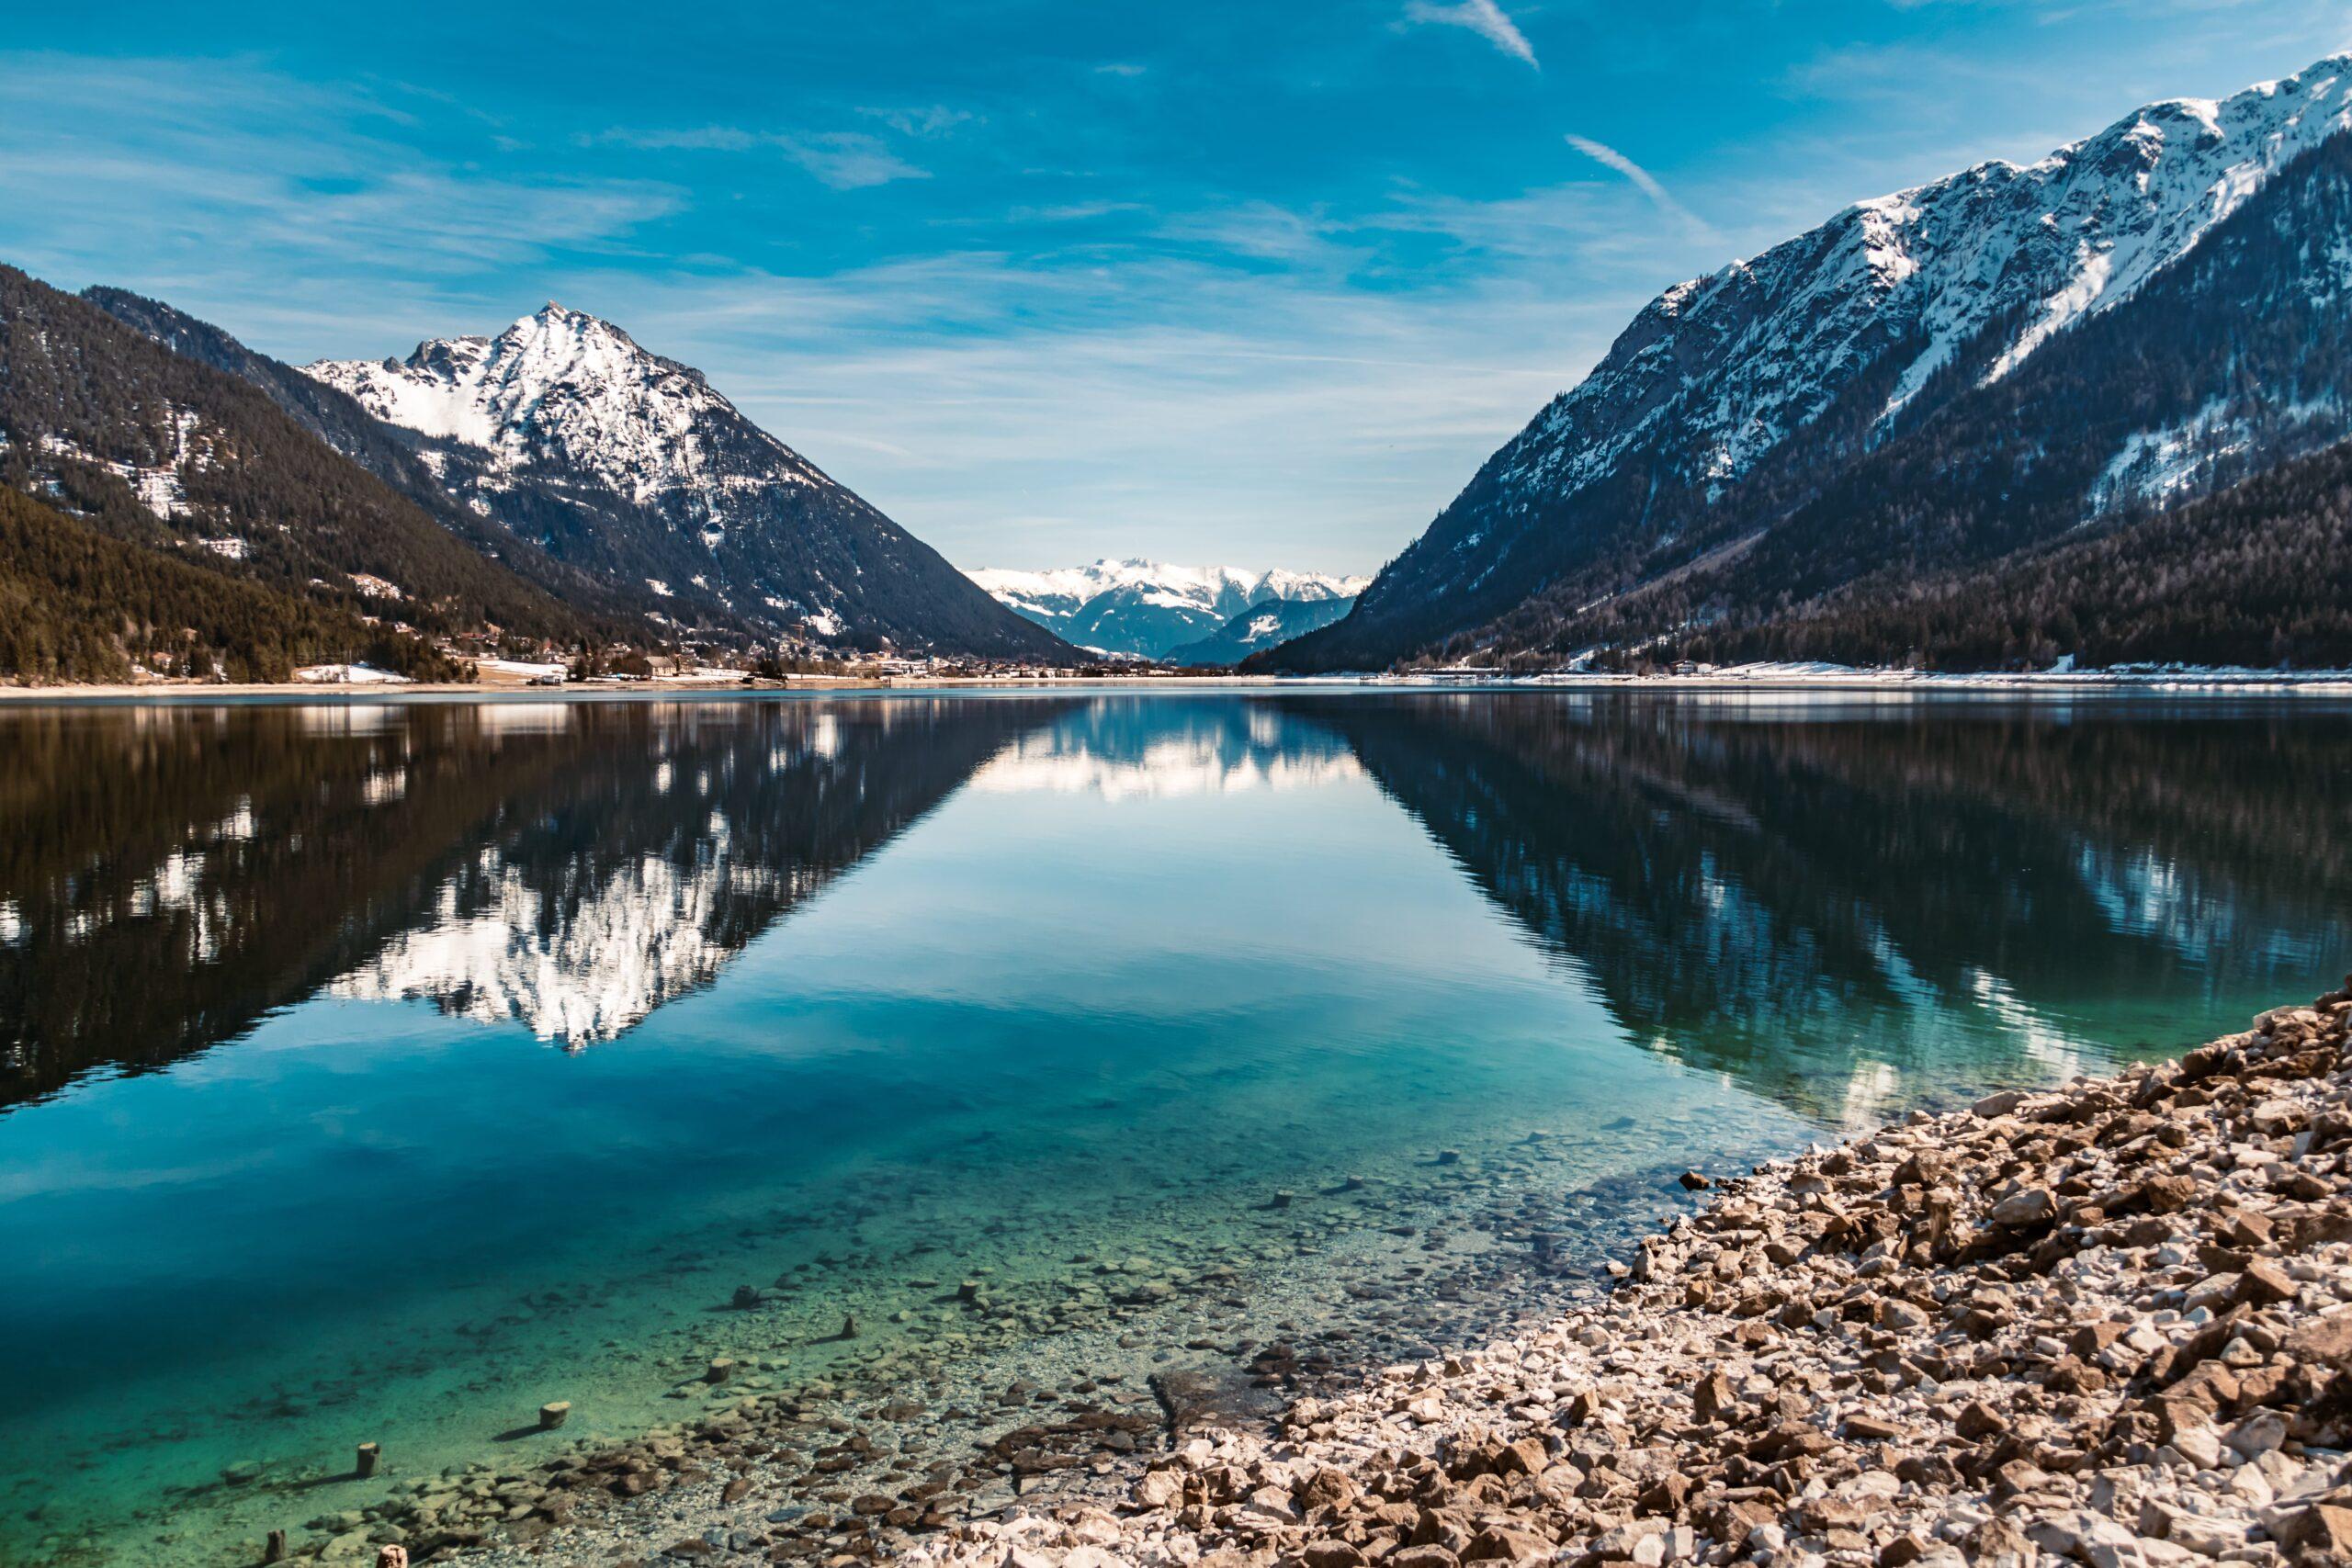 7-daagse busreis Oostenrijk Tirol Achenkirch